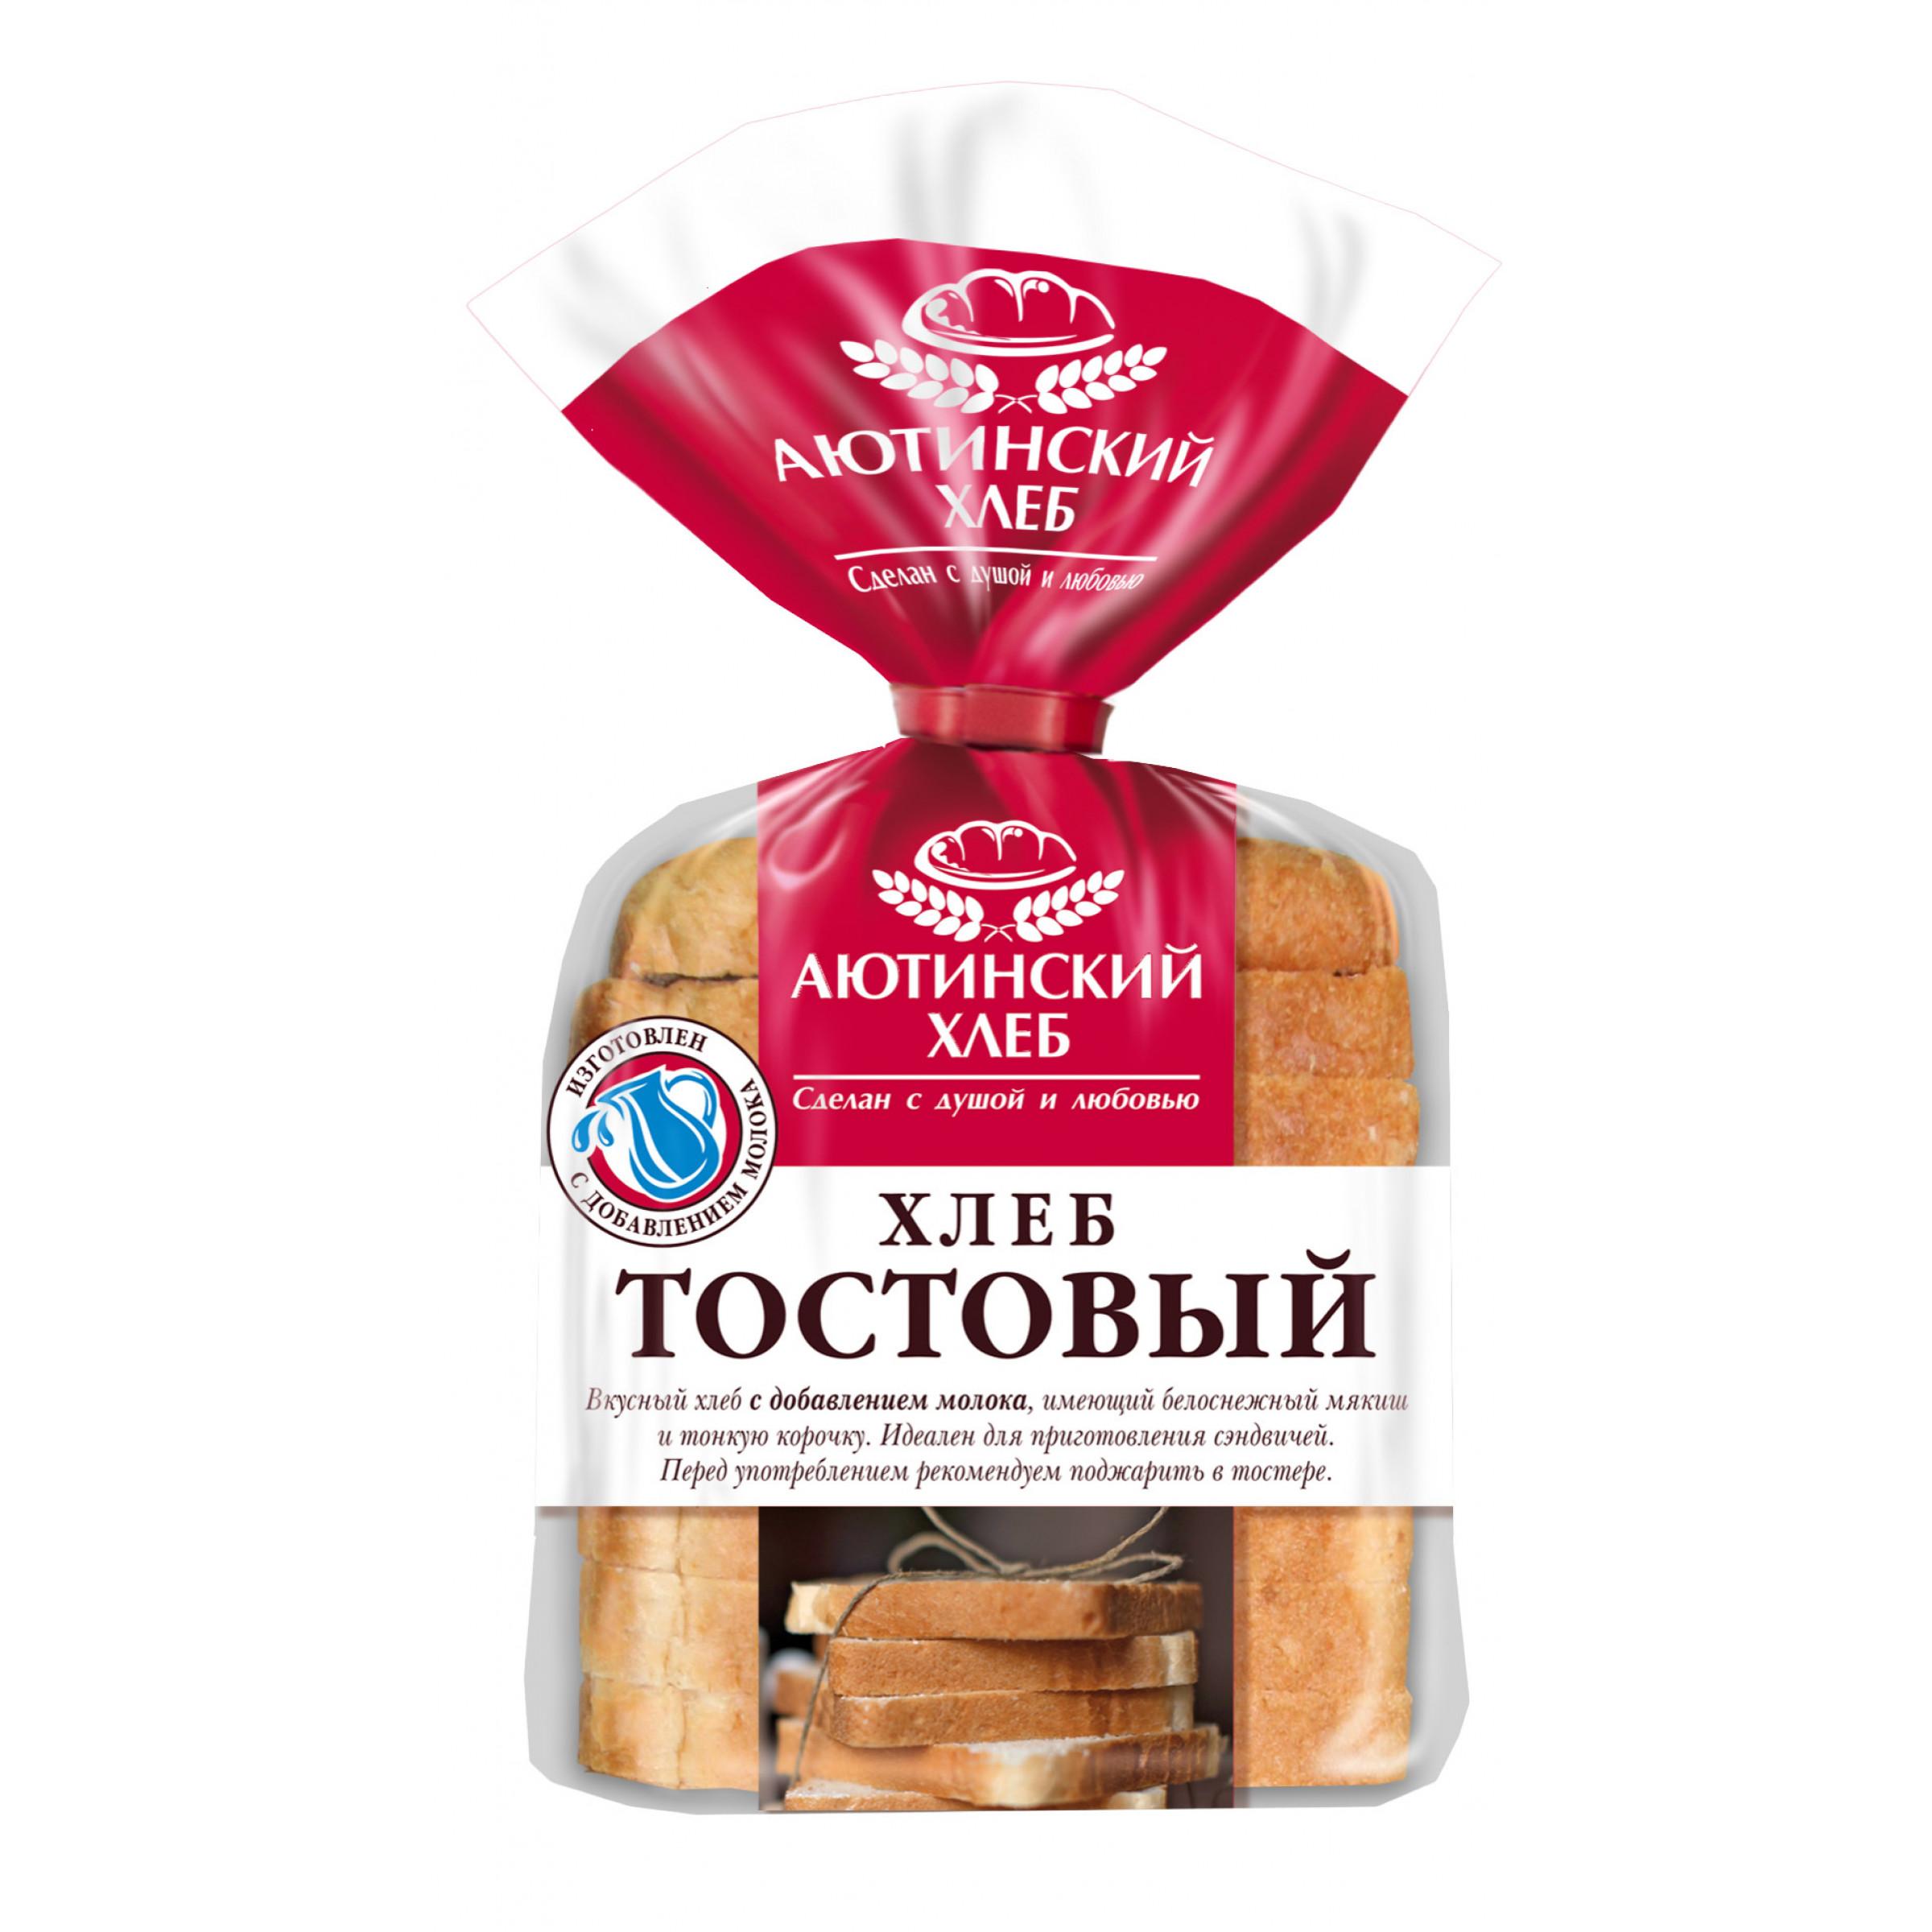 """Хлеб """"Аютинский"""" тостовый белый нарезанный, 280гр."""